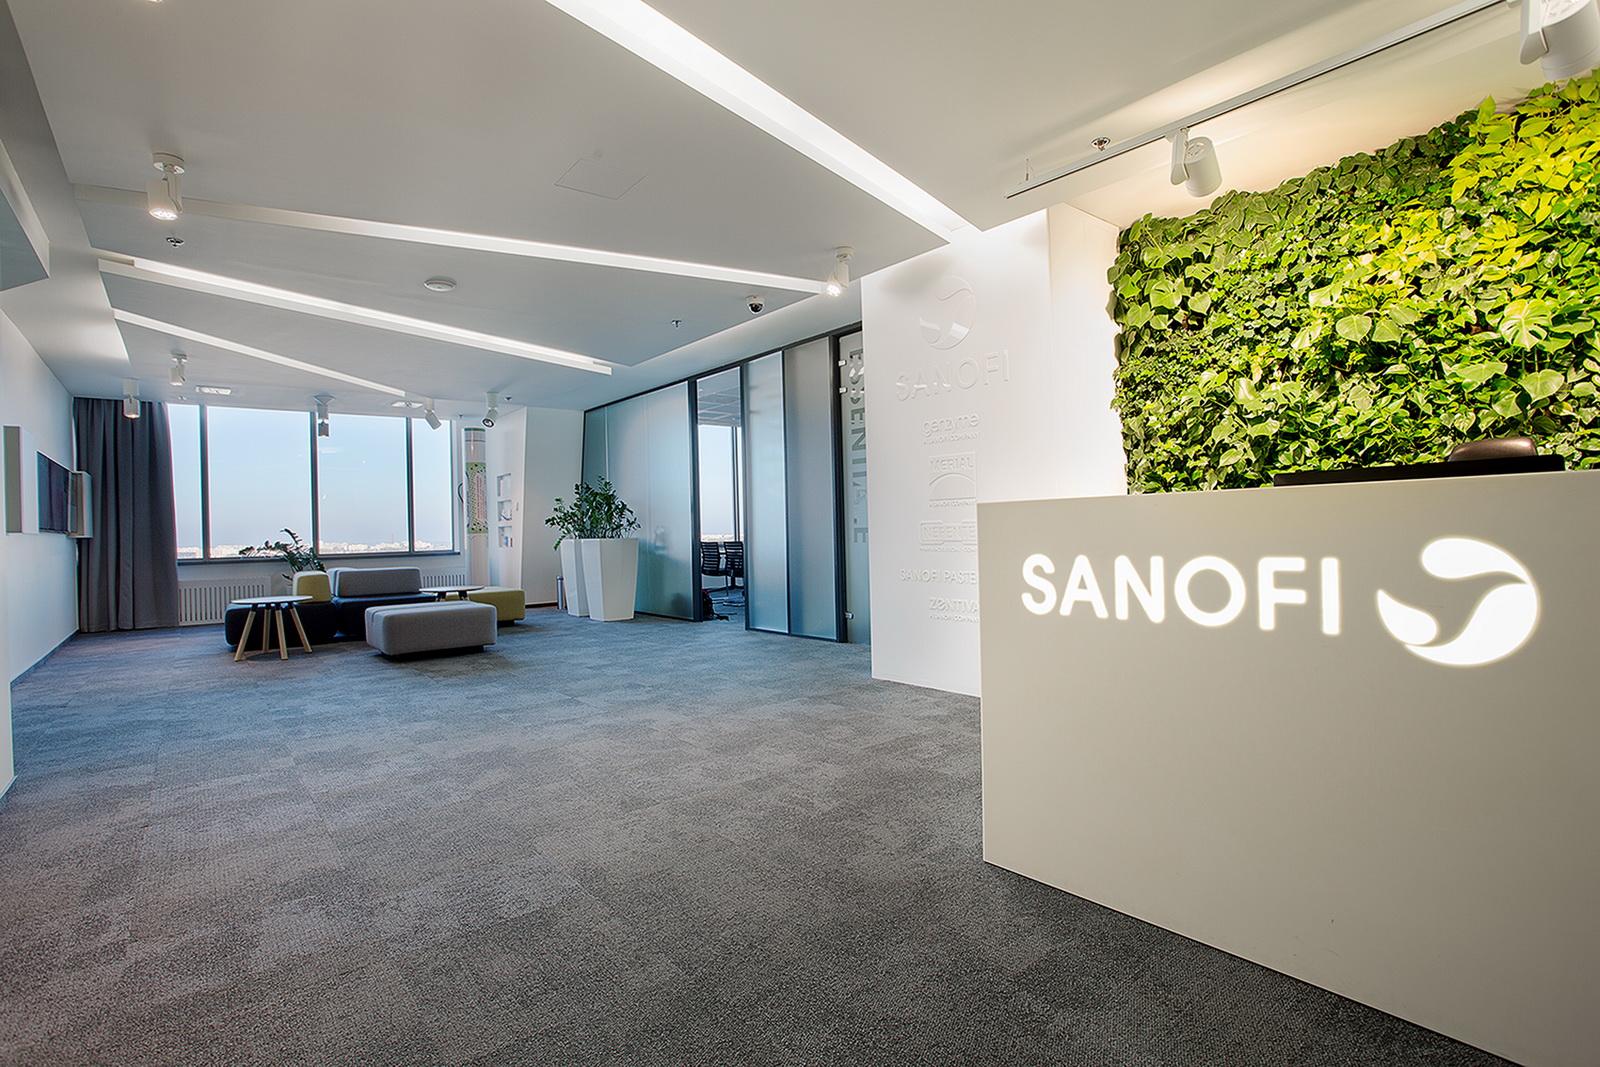 Projekt biura Sanofi Aventis